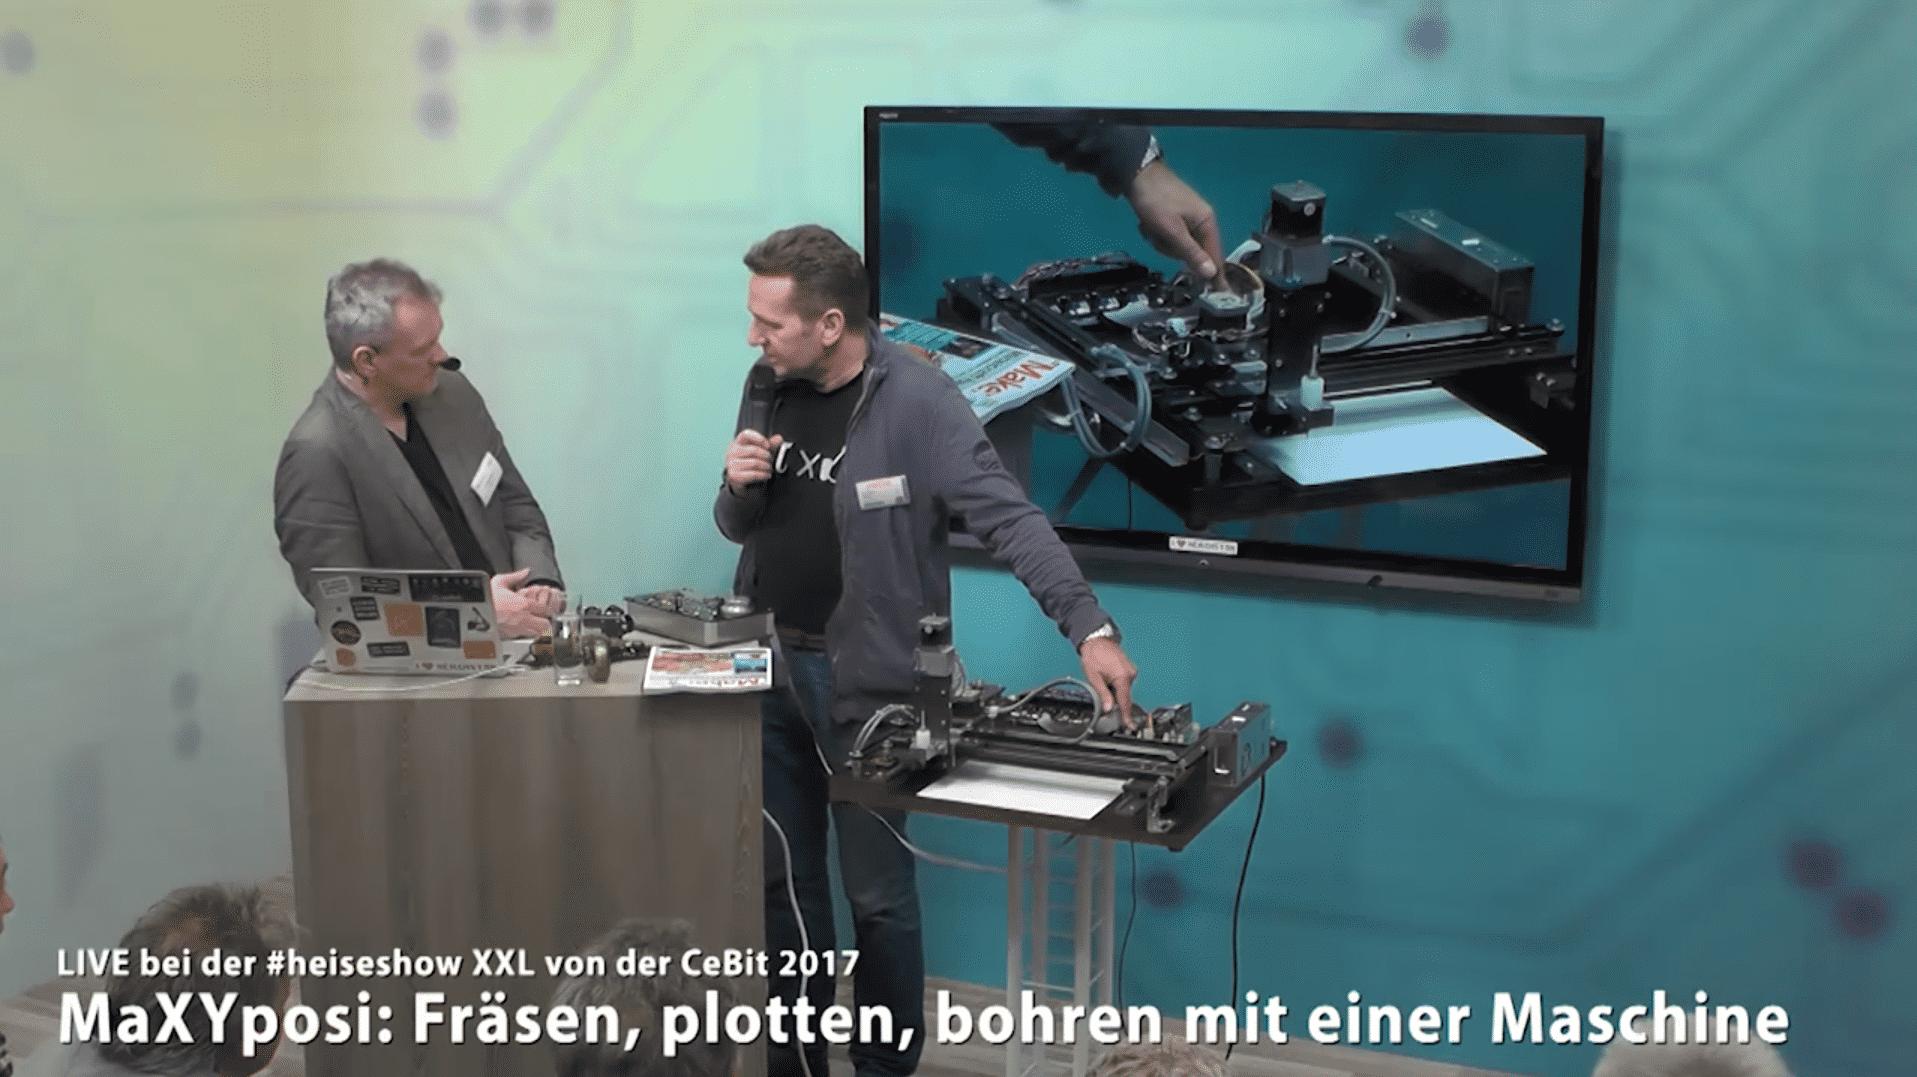 Bild der CeBIT heisehowXXL 2017 mit Carsten Meyer zu Fräsen und Lasercuttern